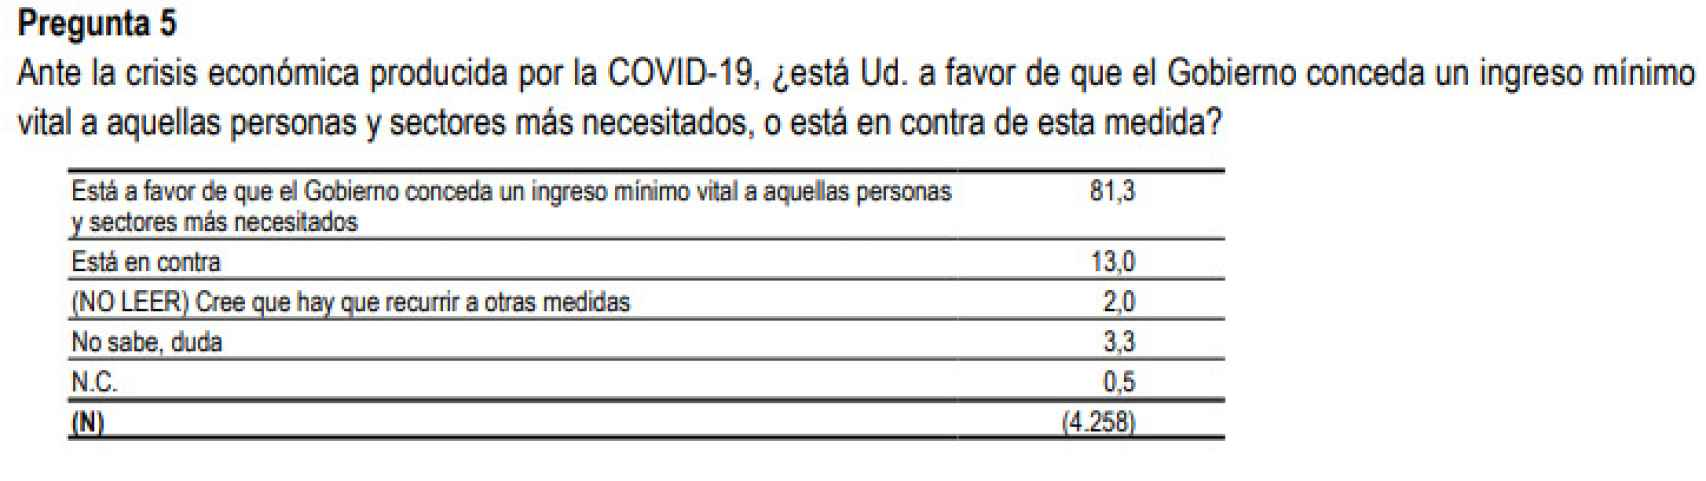 Pregunta número 5 del CIS en el barómetro de junio.